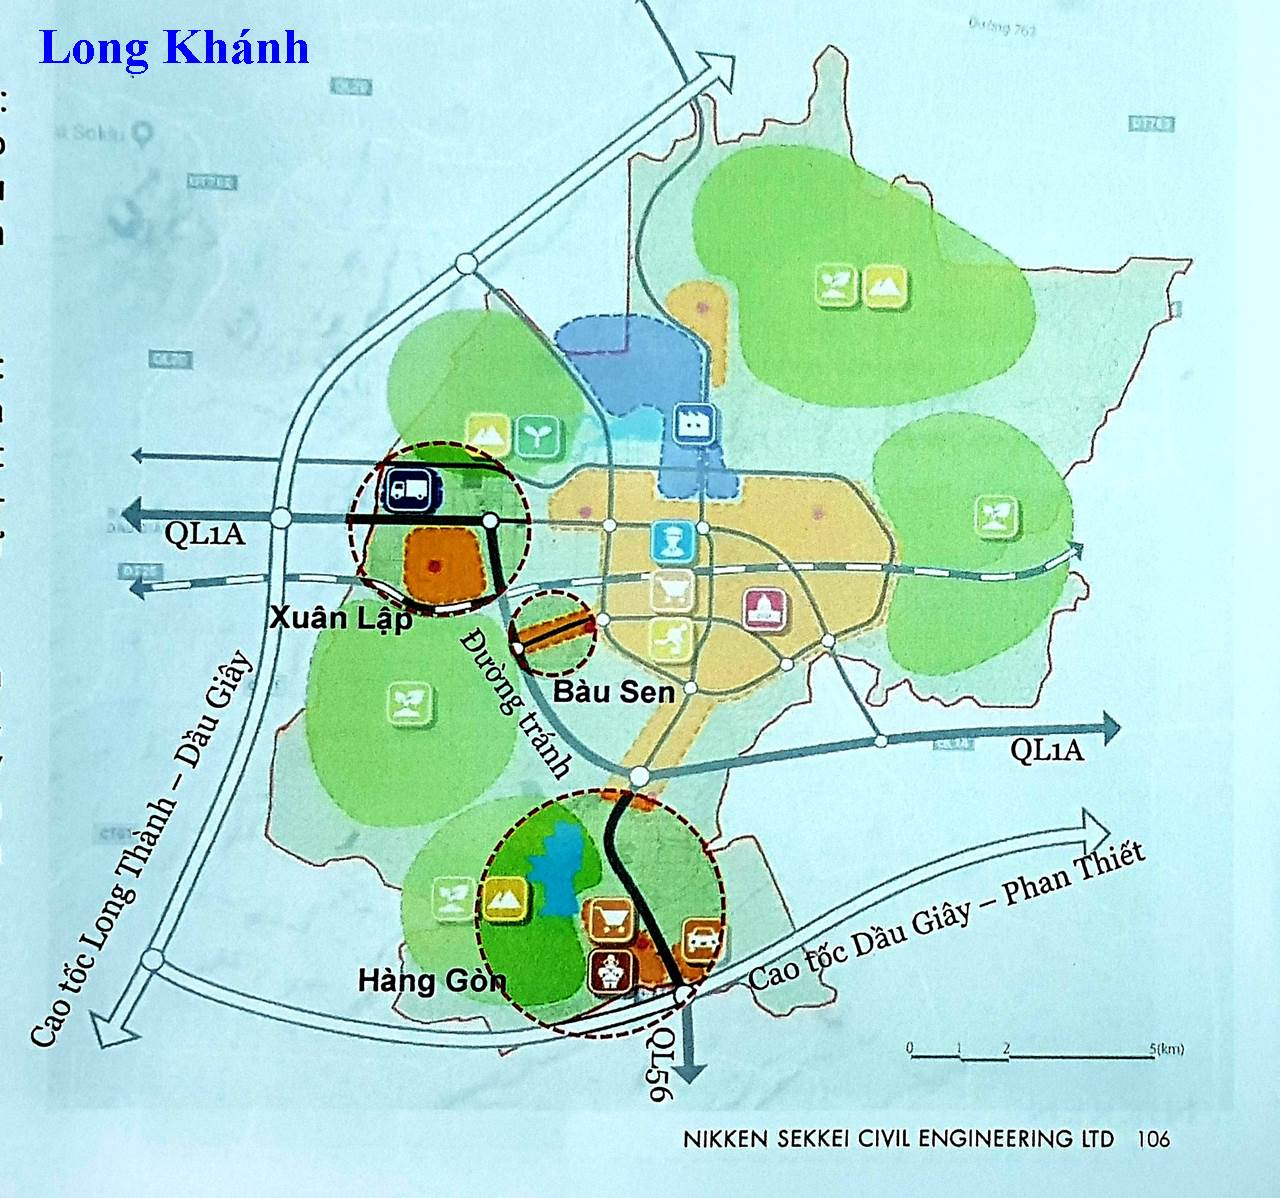 bản đồ quy hoạch tp long khánh